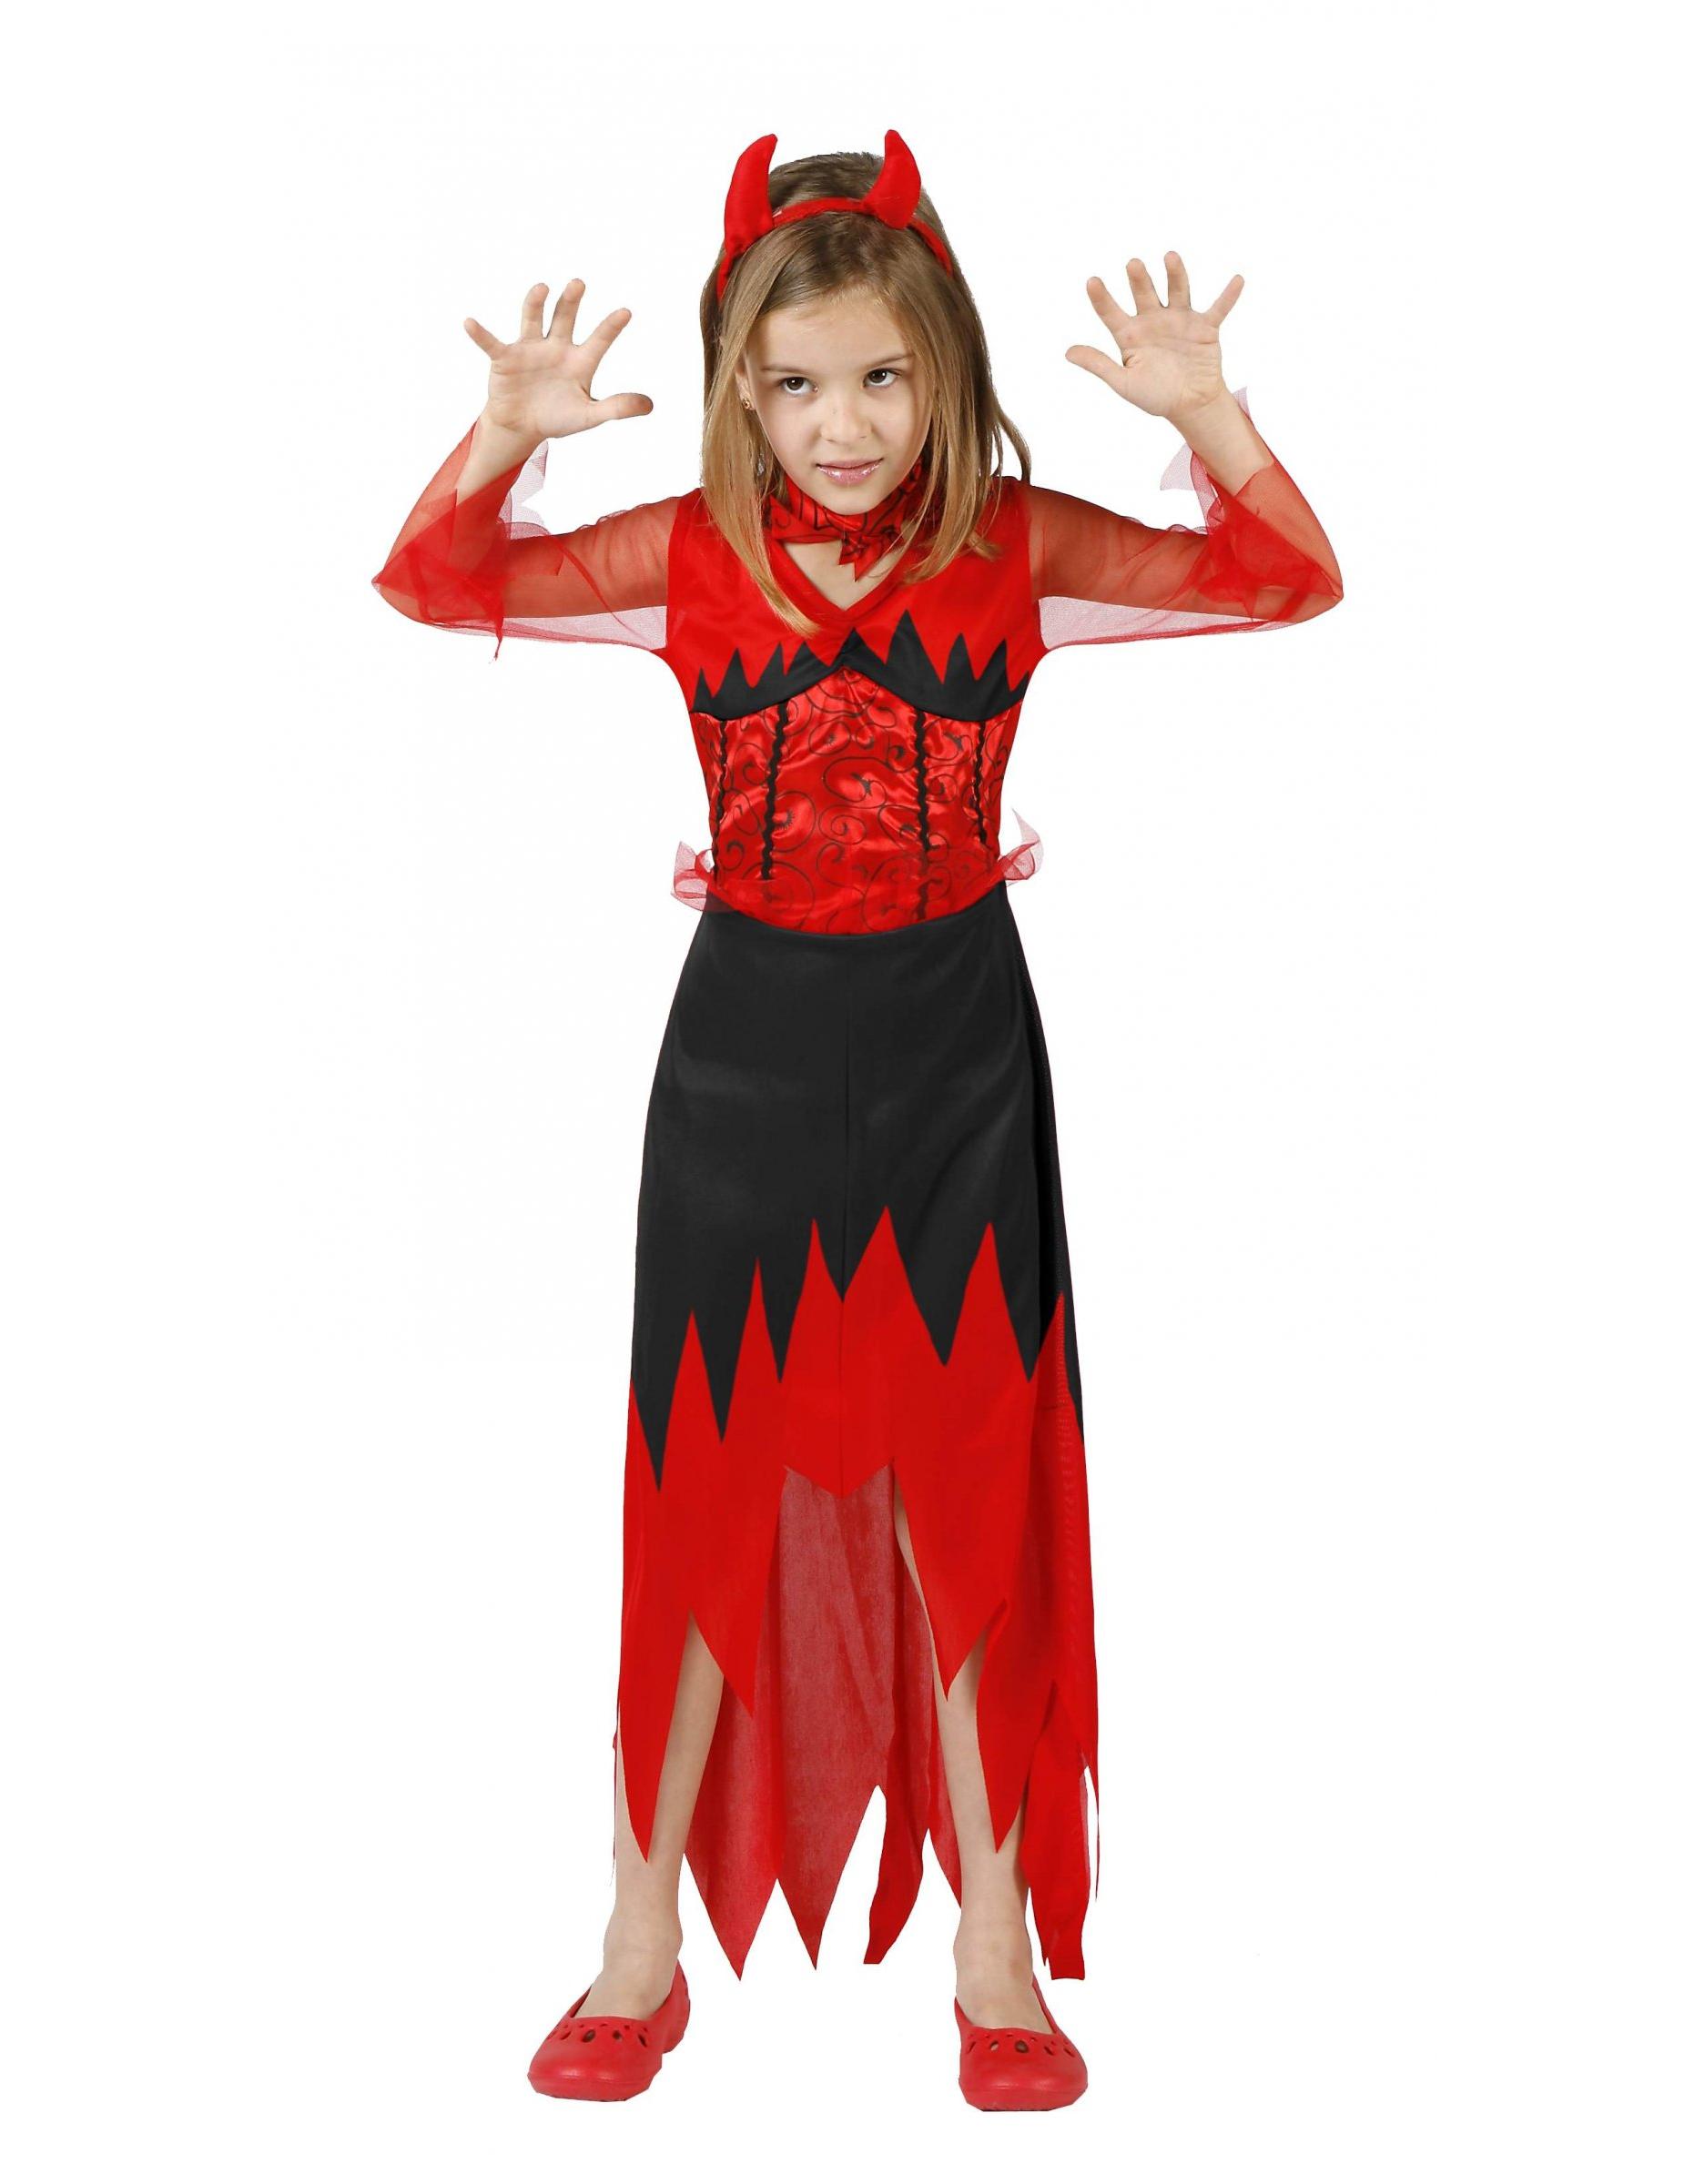 D guisement diablesse enfant halloween achat de d guisements enfants sur vegaoopro grossiste - Deguisement halloween enfant ...